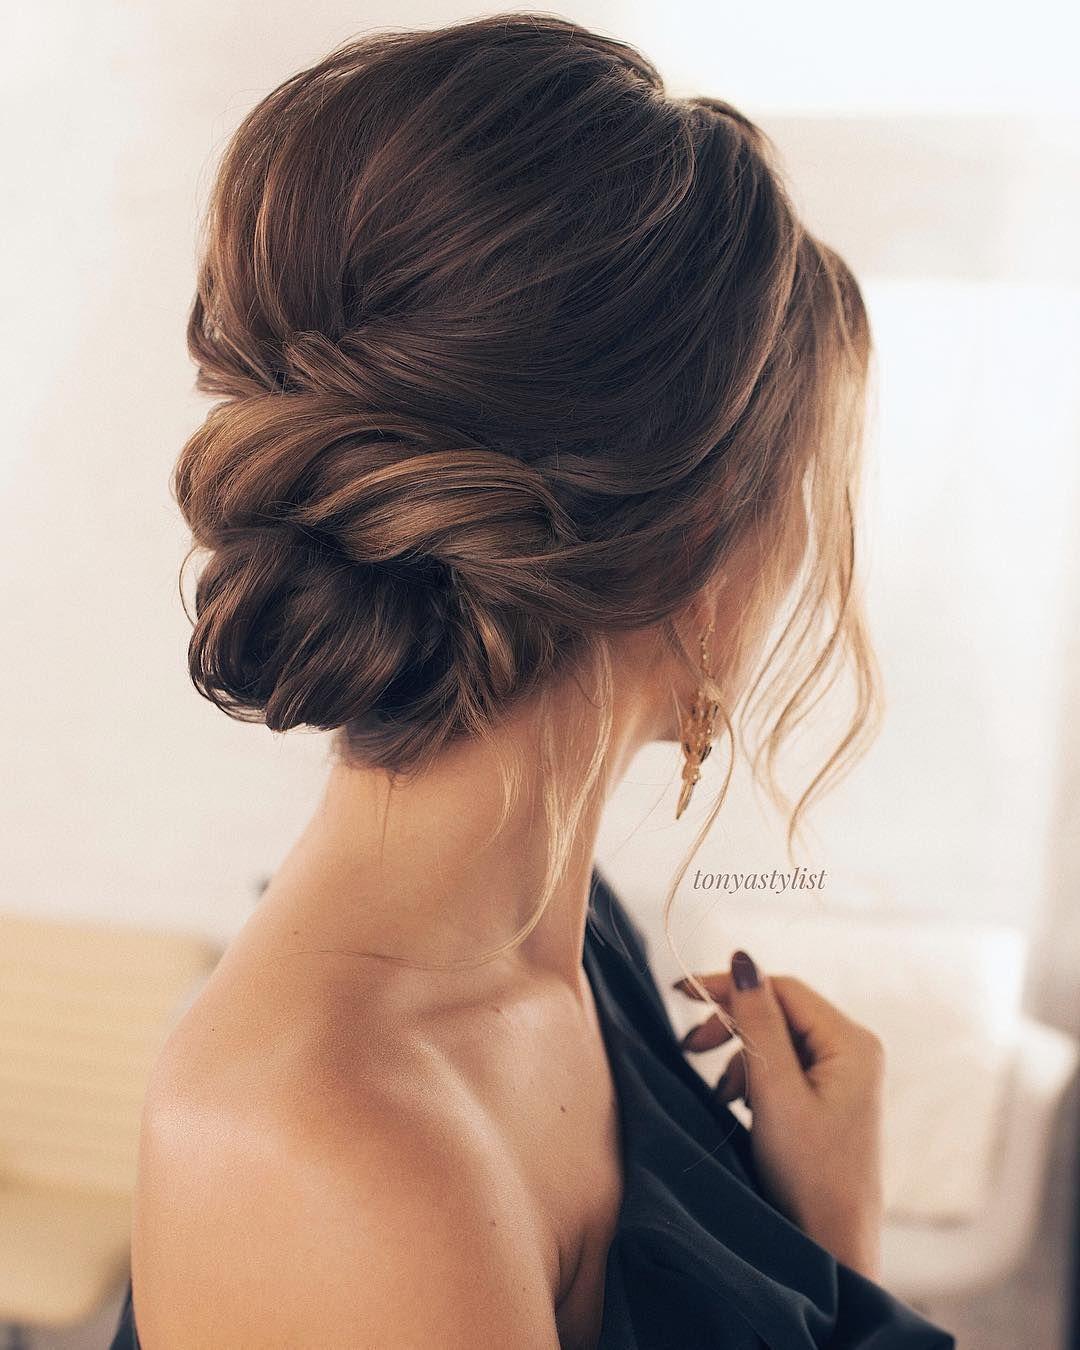 Luxury Short Sleek Womens Hairstyle Dan Word 10 in 10  Hair